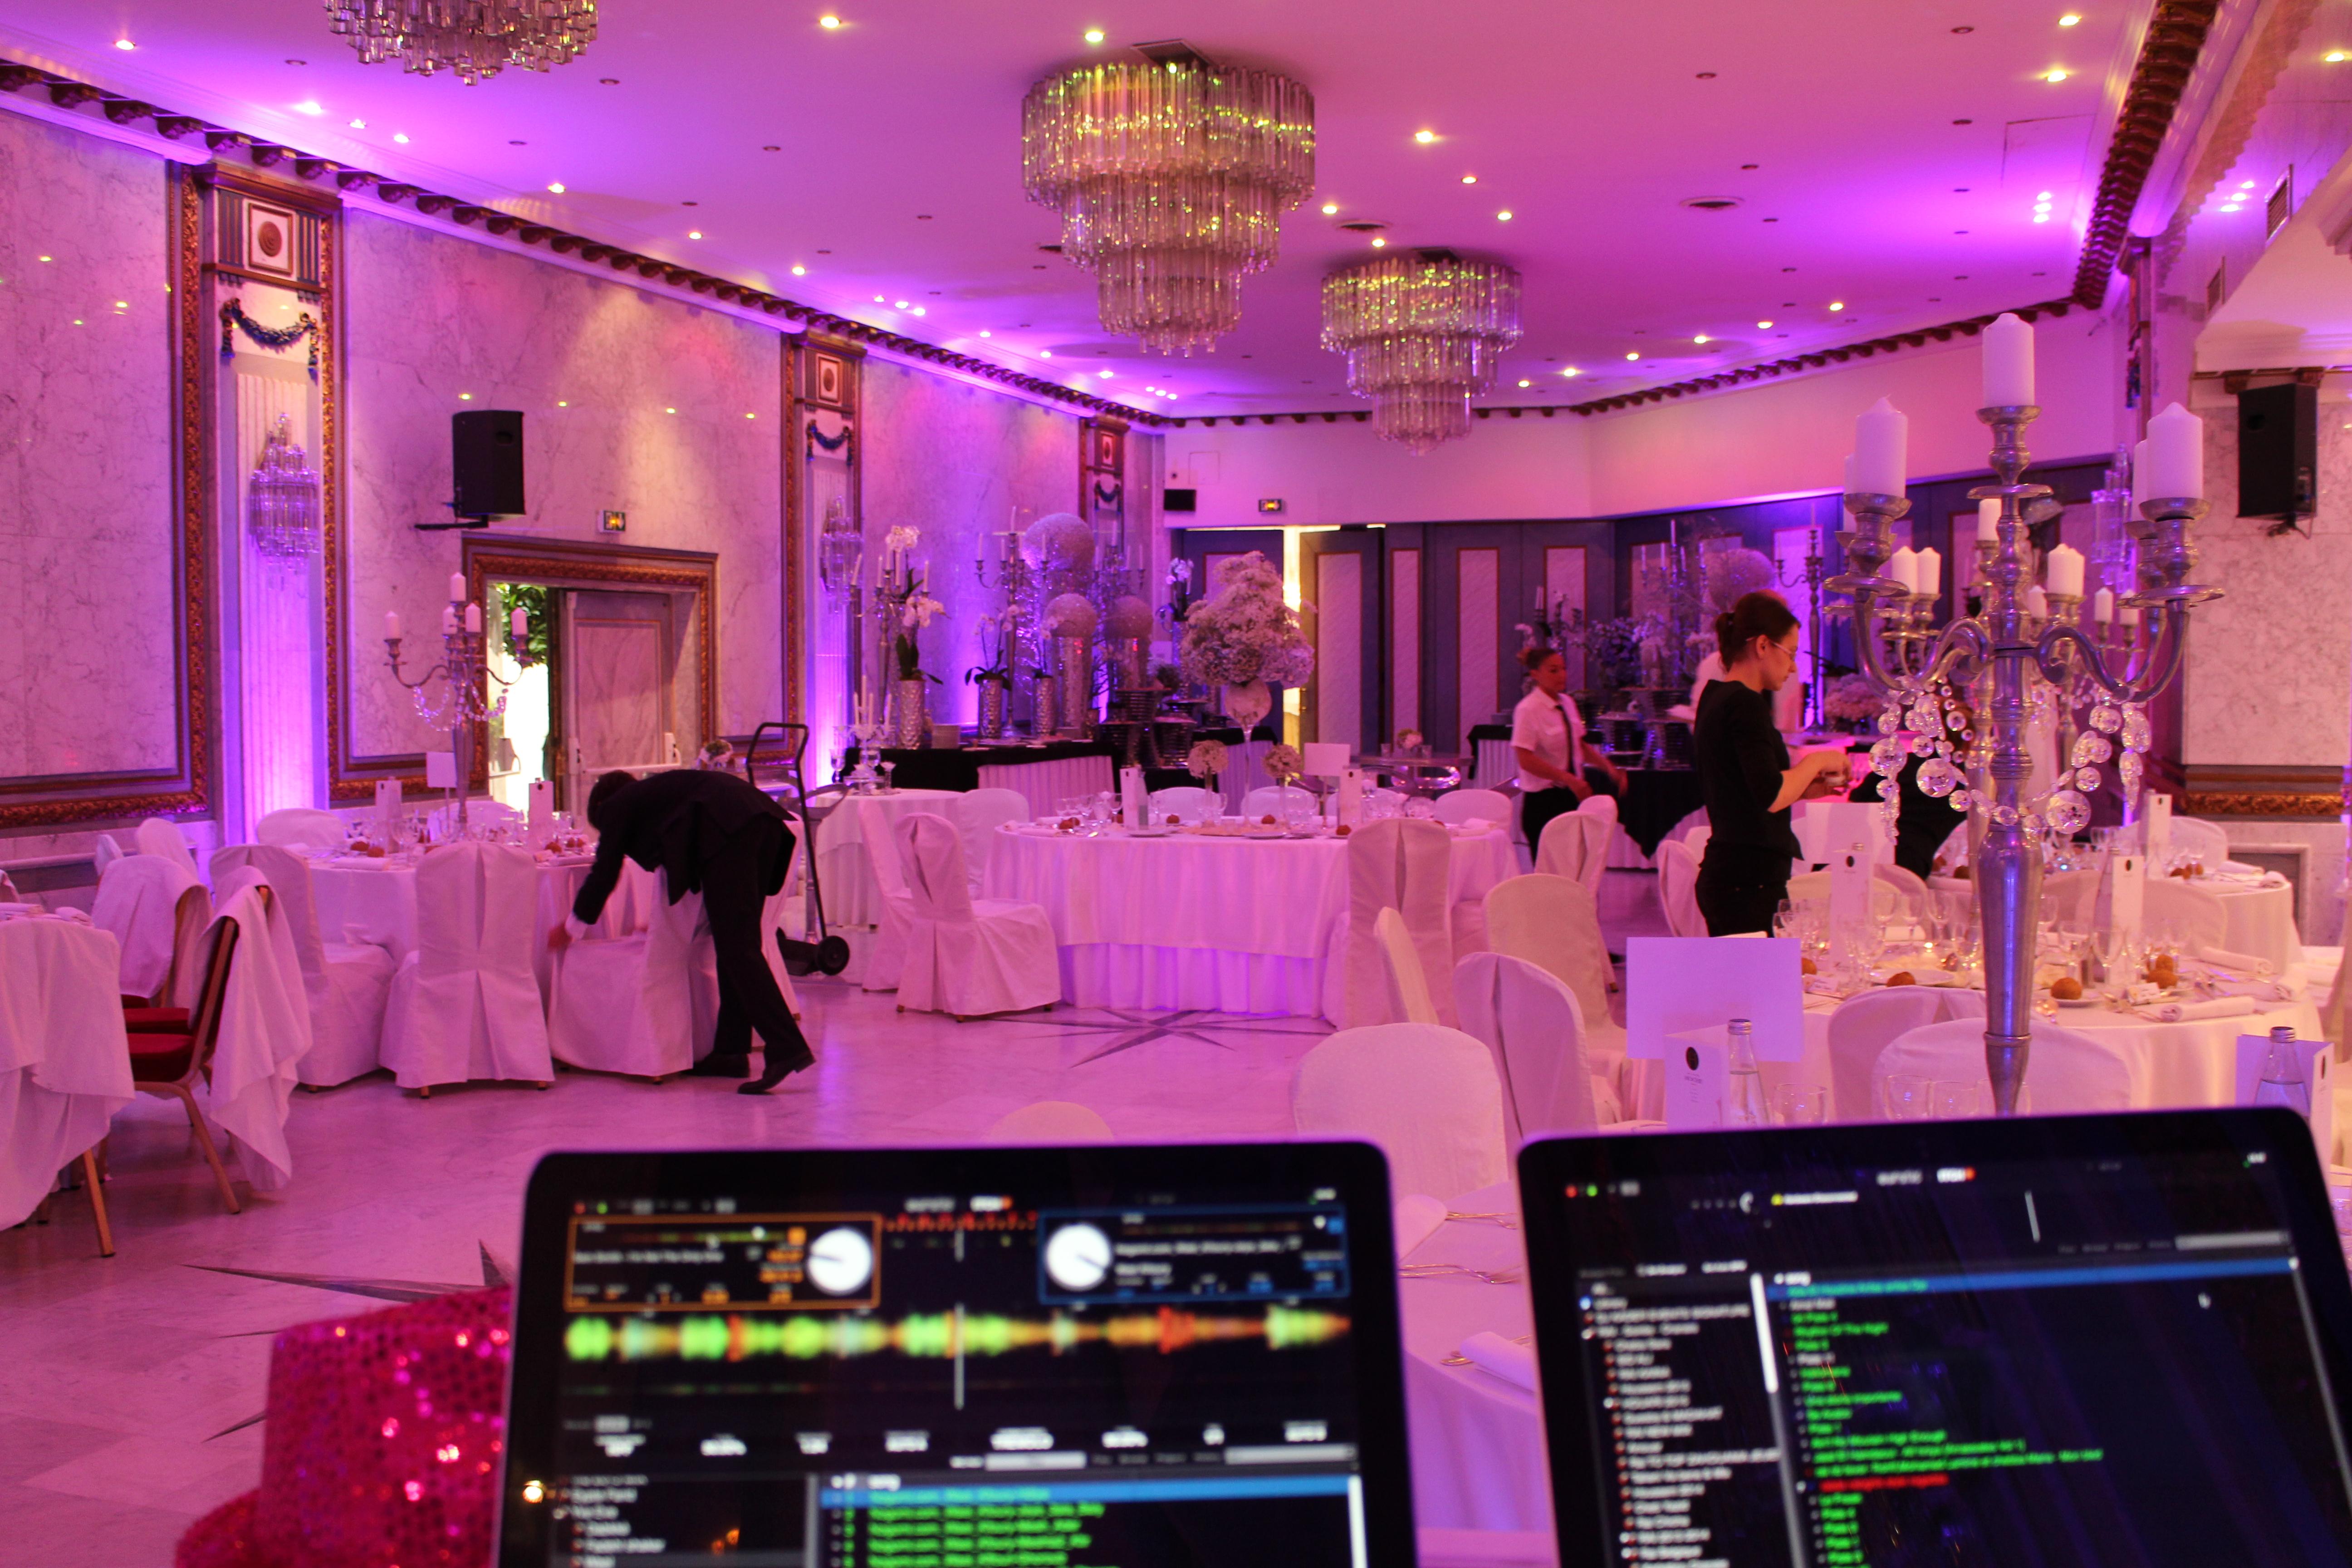 DJ ORIENTAL A PARIS DJ KABYLE DJ